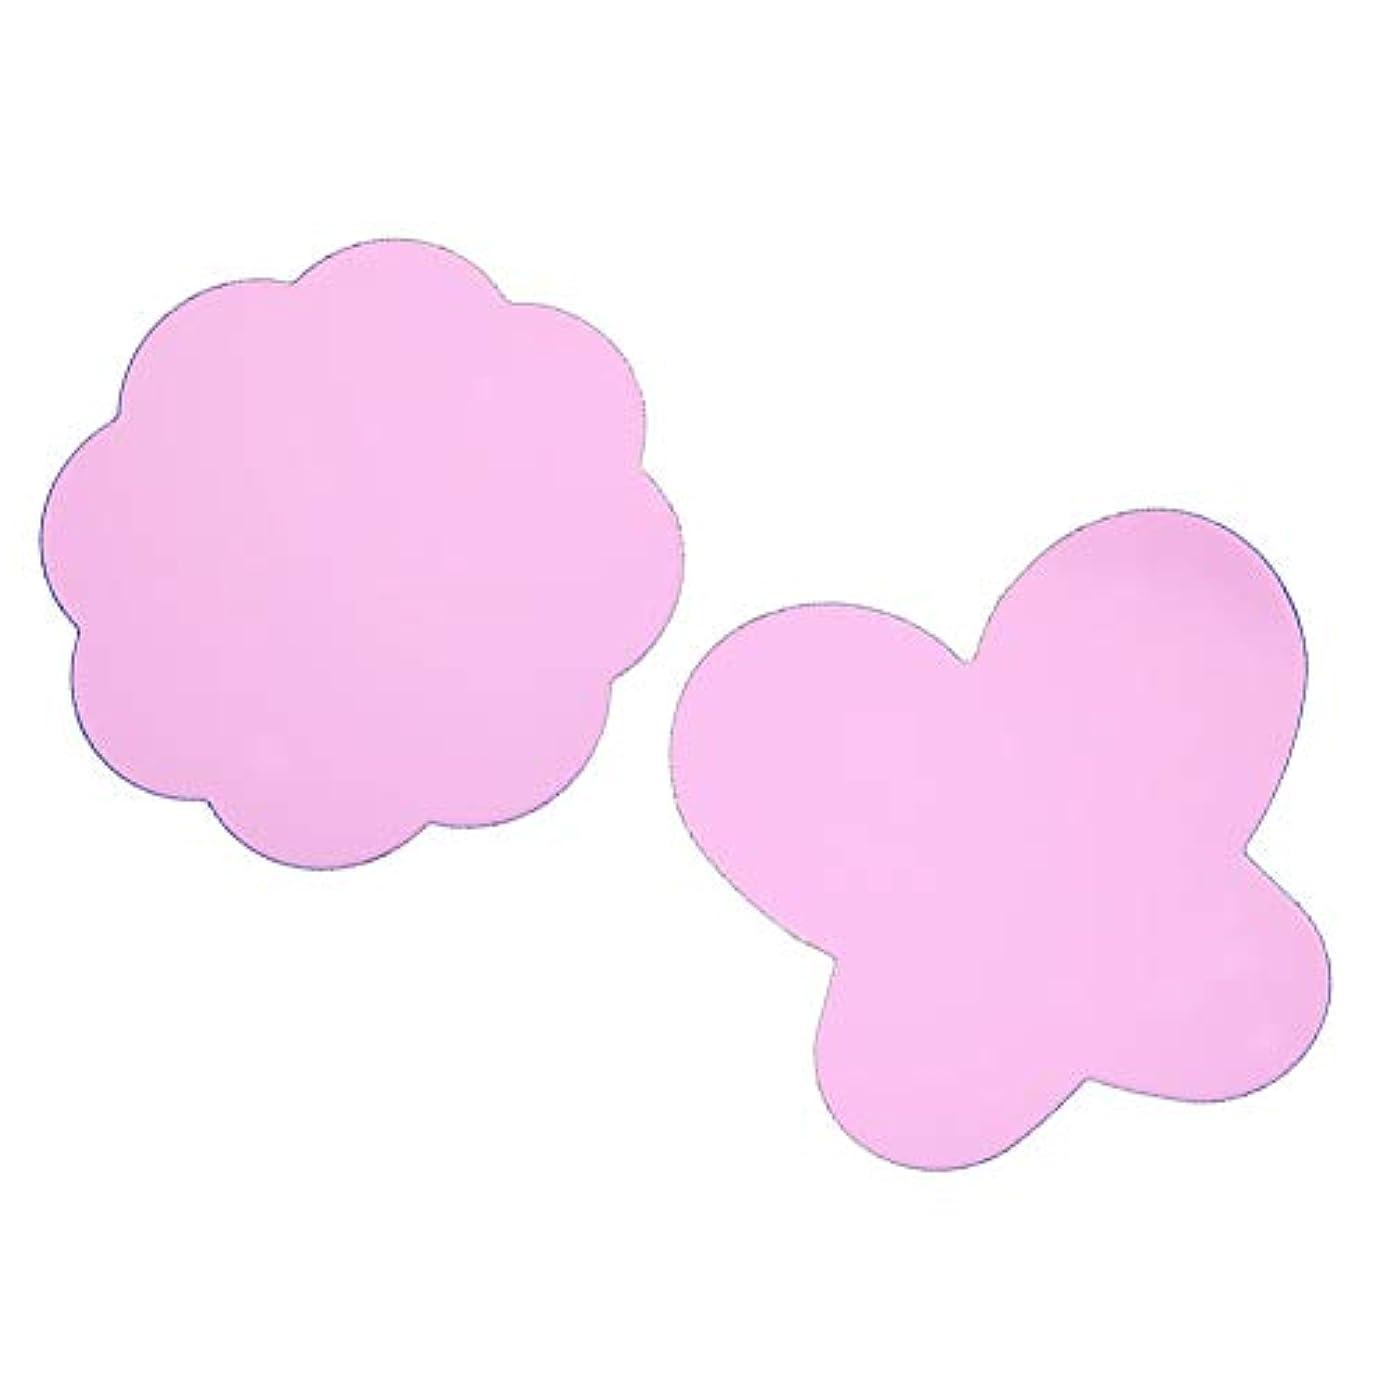 成功するトライアスロン代表(ピンク)2折り畳み可能なシリコーンパッド塗料パレット洗浄バタフライプラムネイルdiy爪スタンピングツールパッド